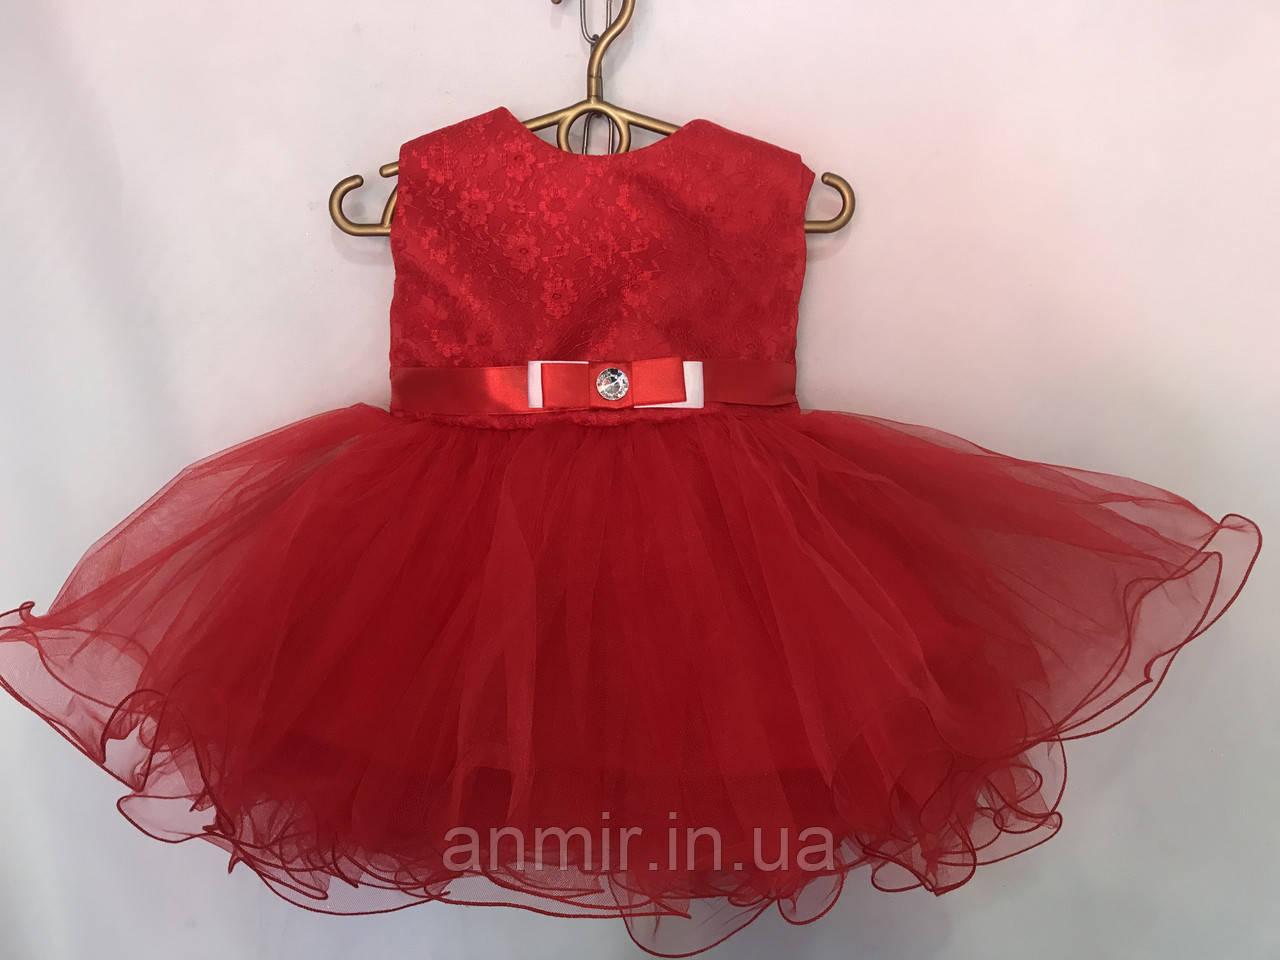 4815a4eadde Детское нарядное платье для девочки на 1 годик